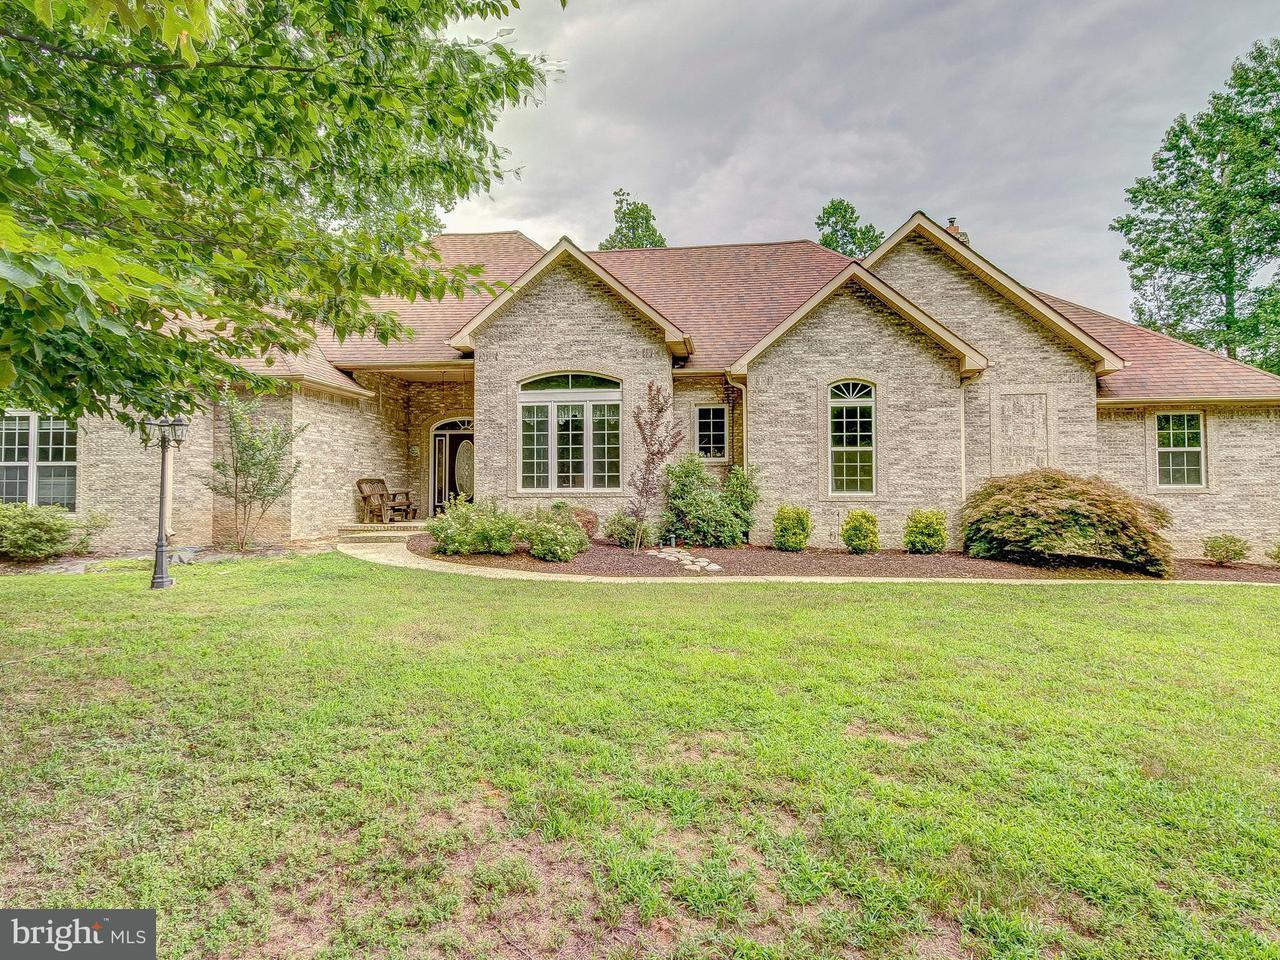 一戸建て のために 売買 アット 29794 Cheryl Court 29794 Cheryl Court Mechanicsville, メリーランド 20659 アメリカ合衆国